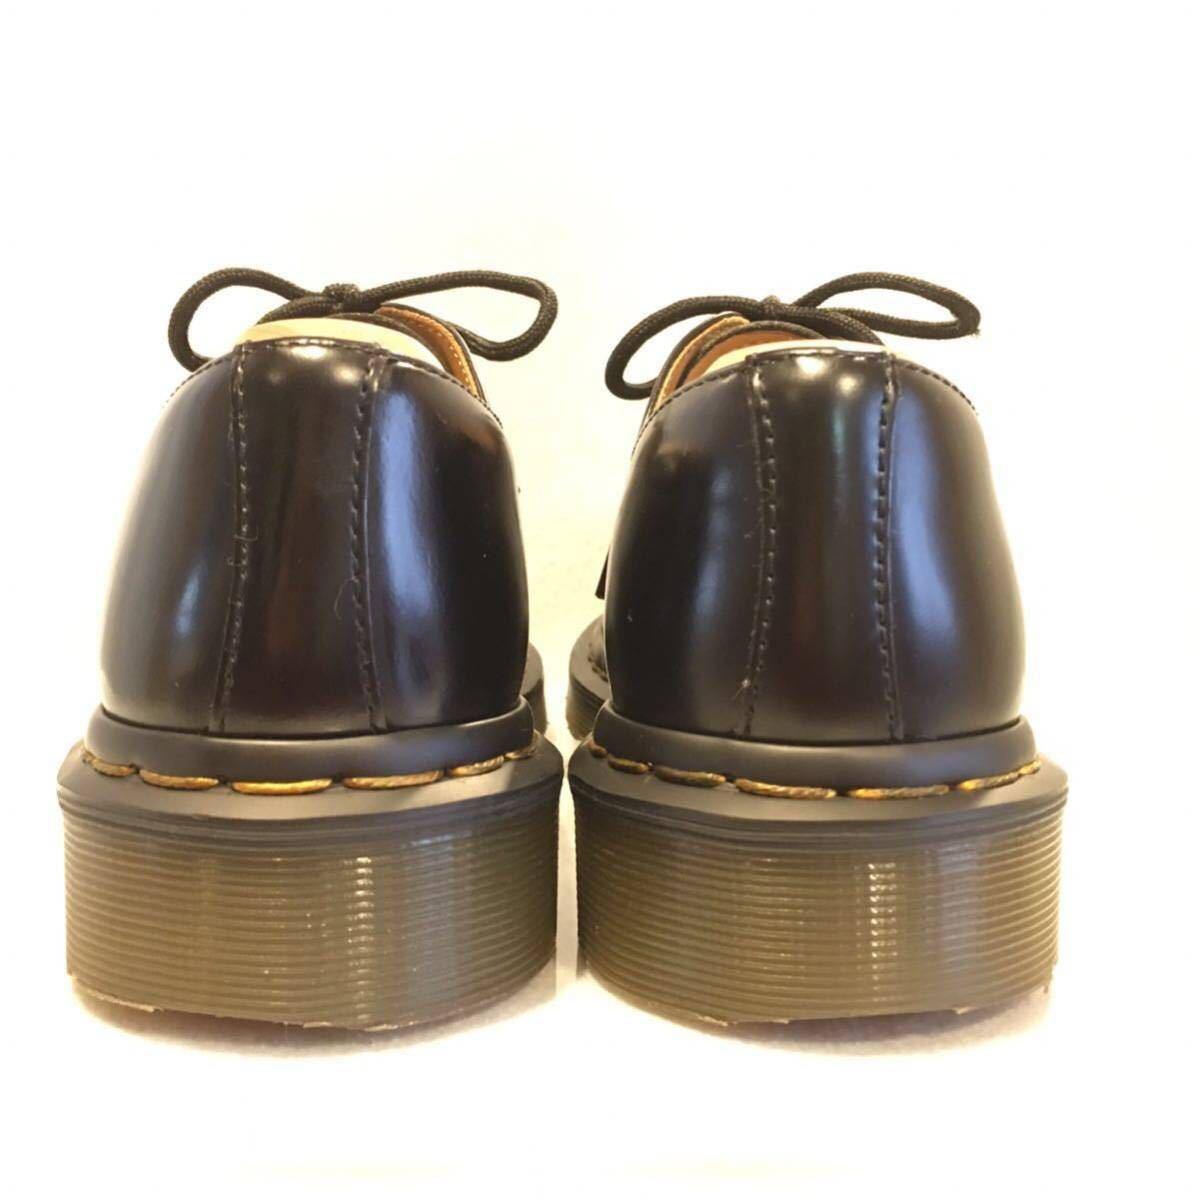 ★Dr.Martens ドクターマーチン 3ホール★UK5(24.0cm)★黒 ブラック★革靴 レザーシューズ★_画像4